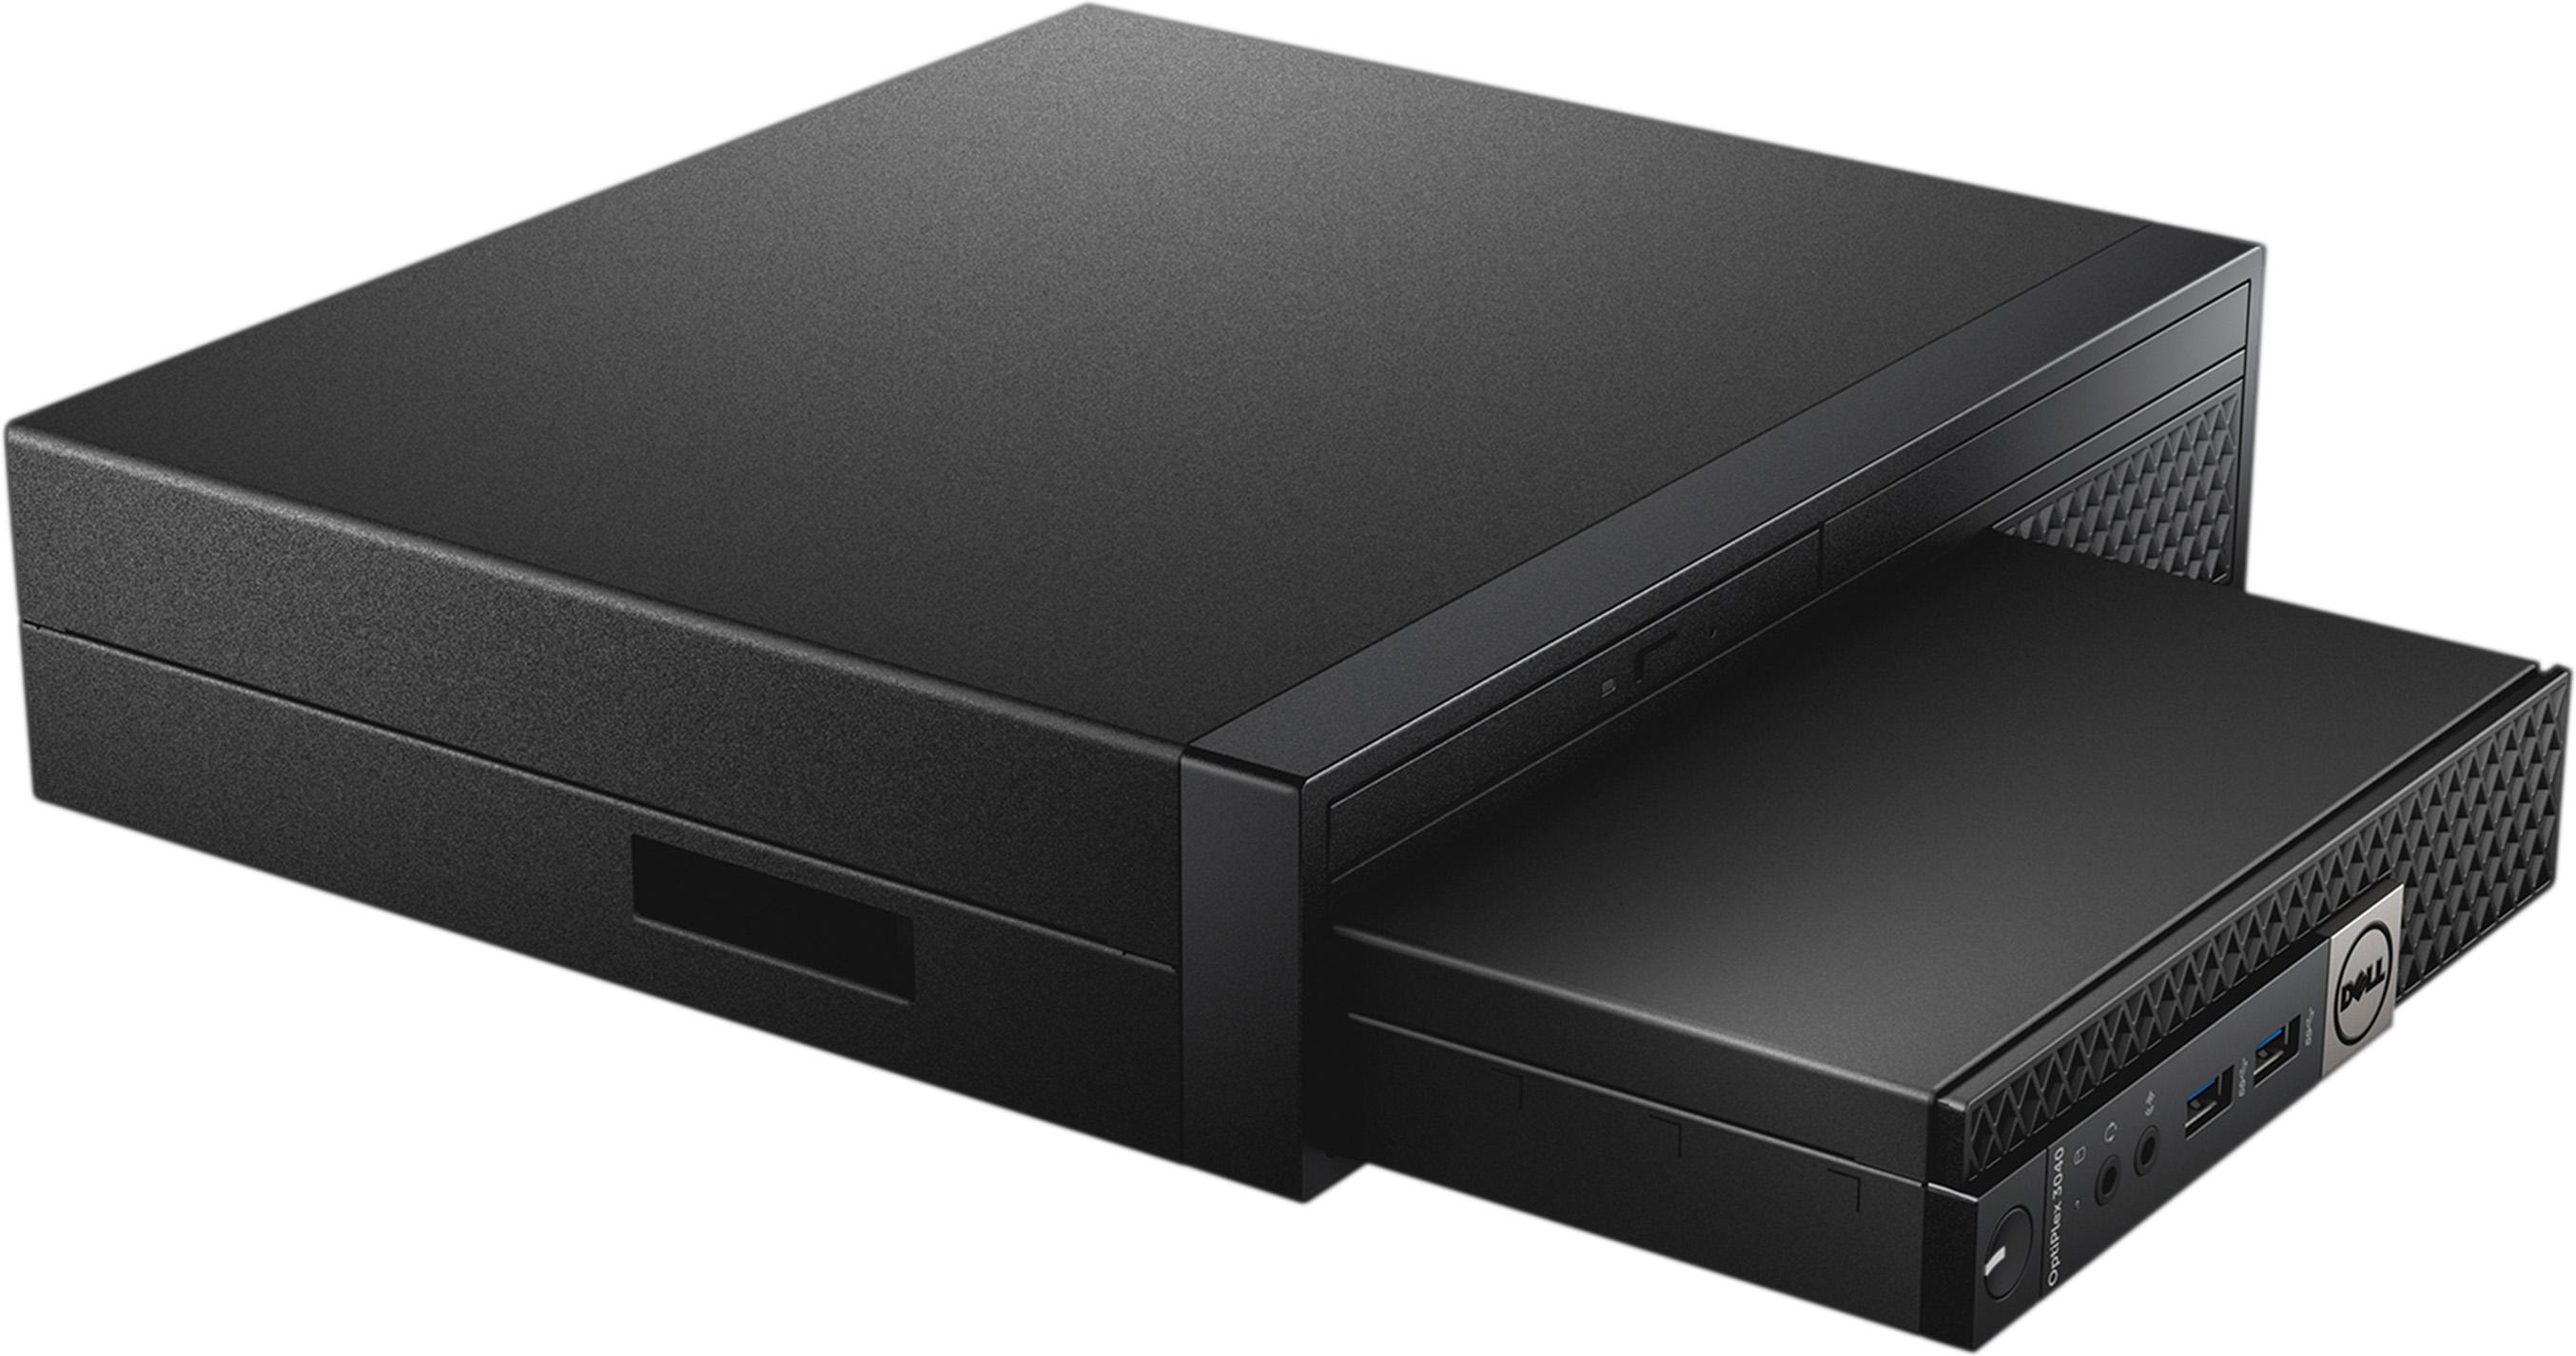 Dell OptiPlex 3040 Micro Form Factor Desktop Deal